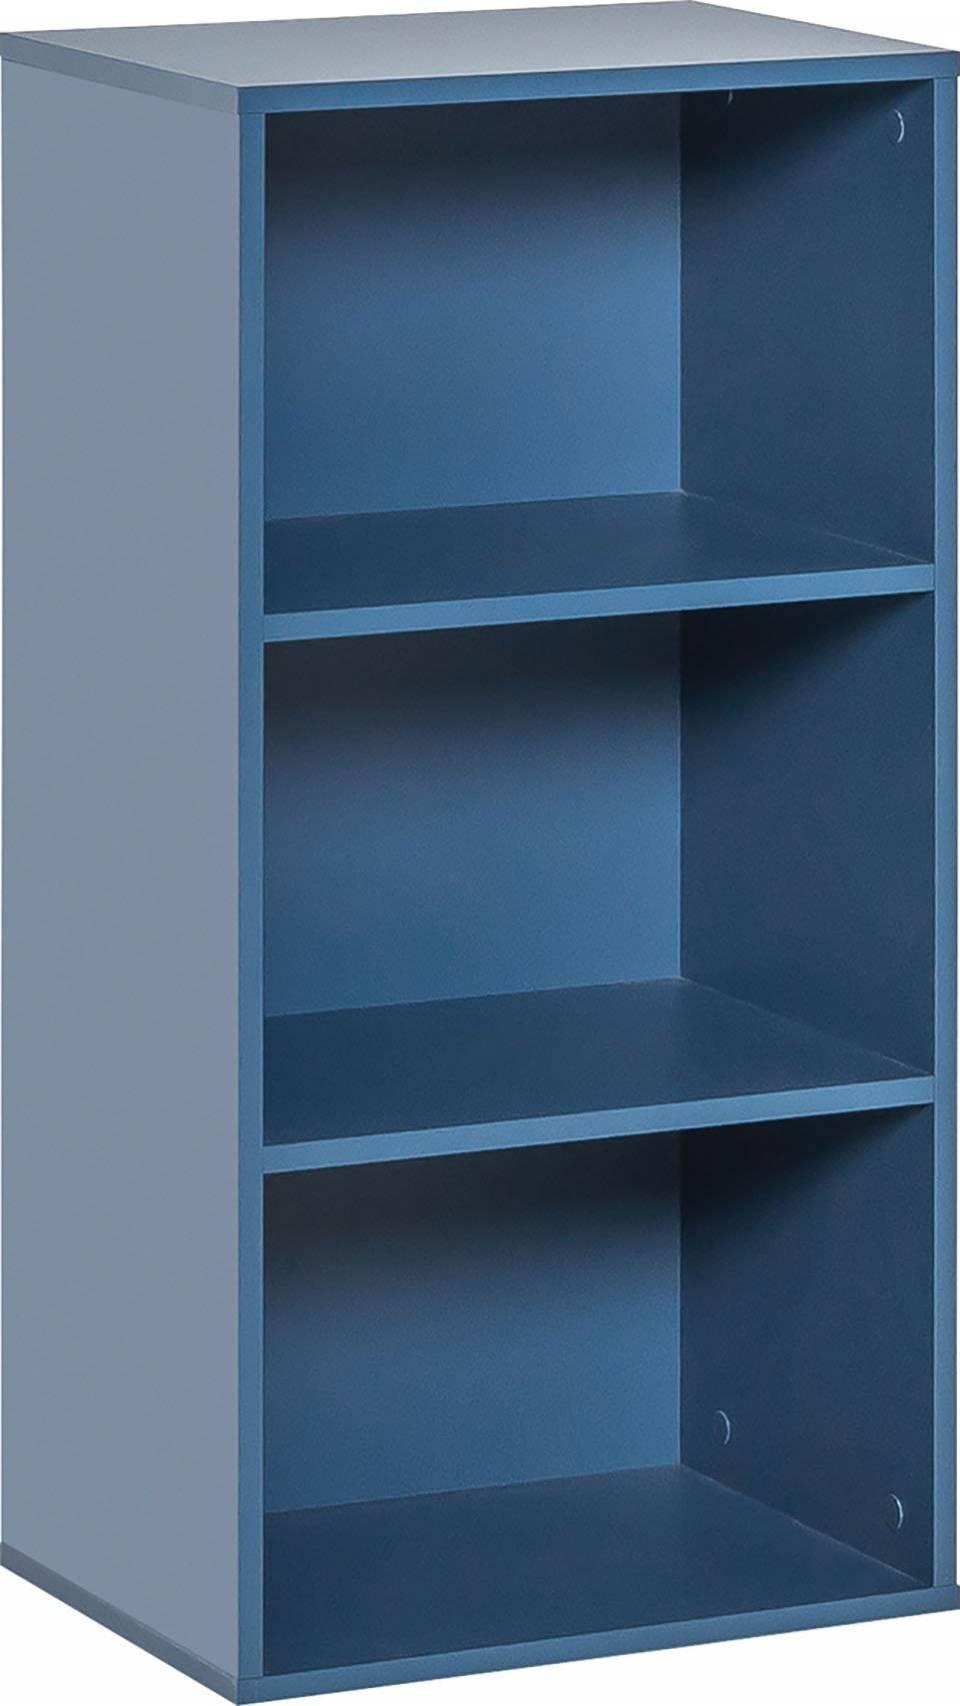 Βιβλιοθήκη mini Stige-Μπλε